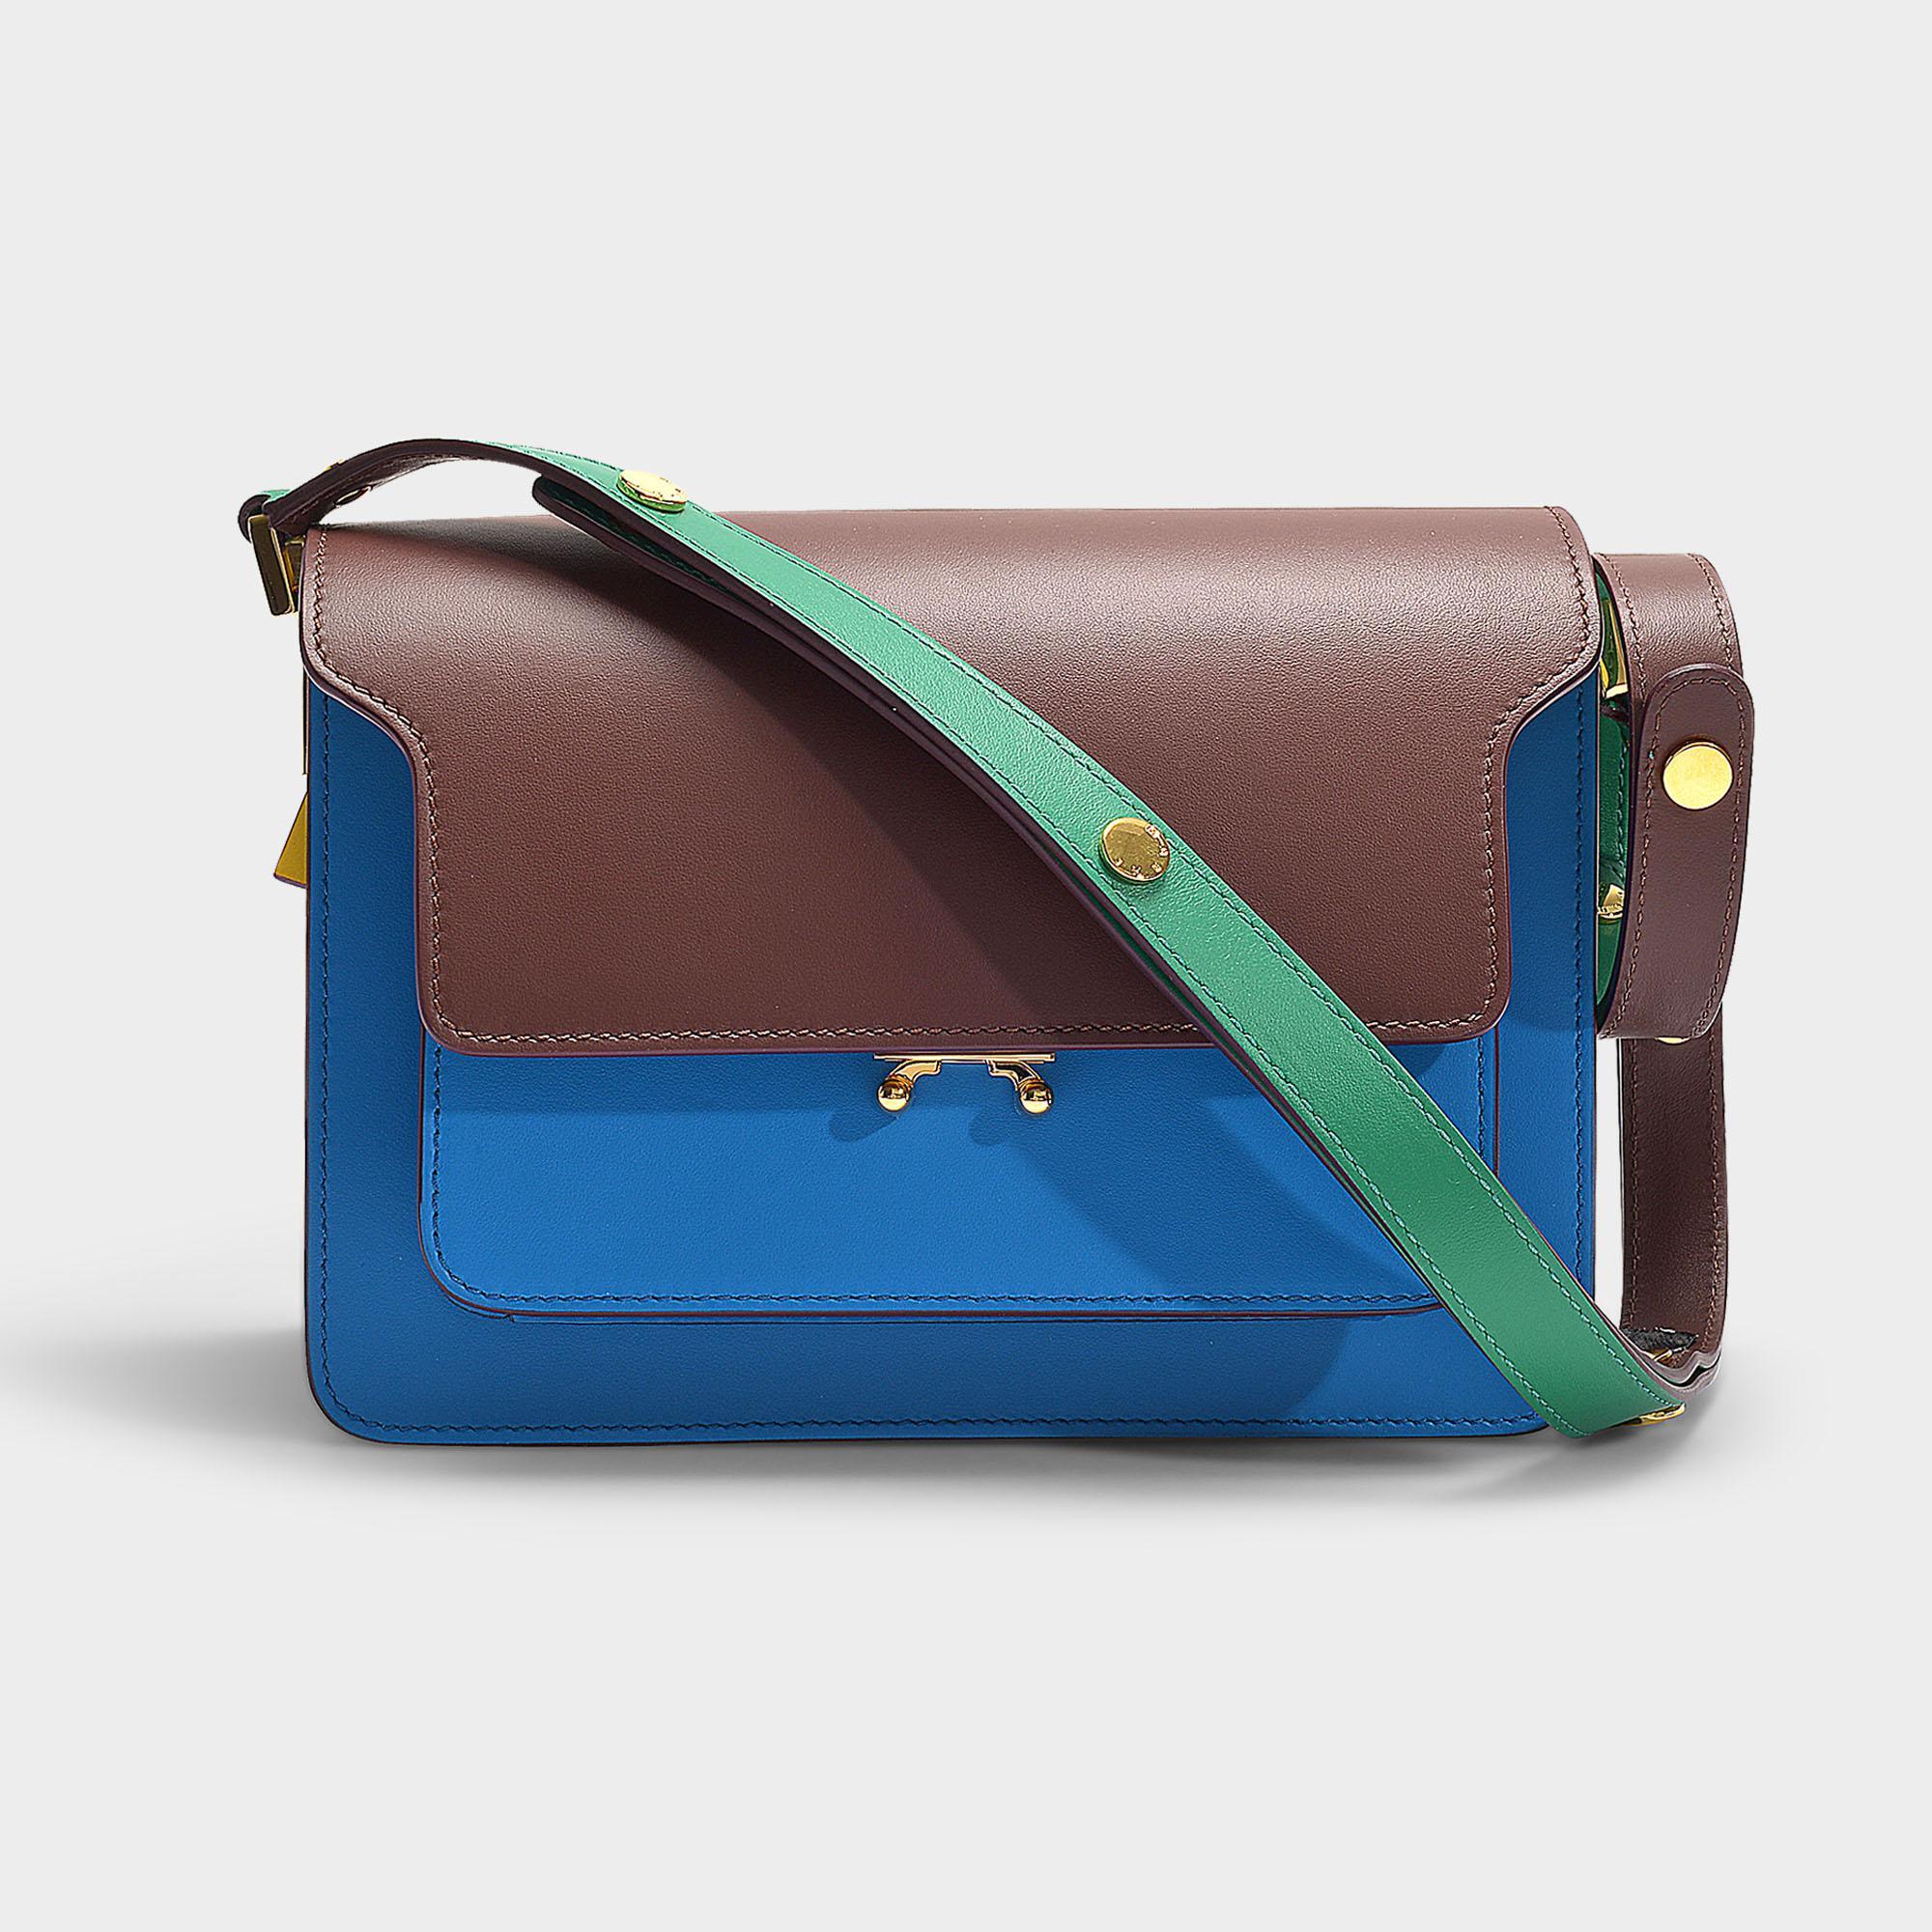 303a2374a2 Sac Trunk Medium en Cuir de Veau Mat Multicolore Marni en coloris ...